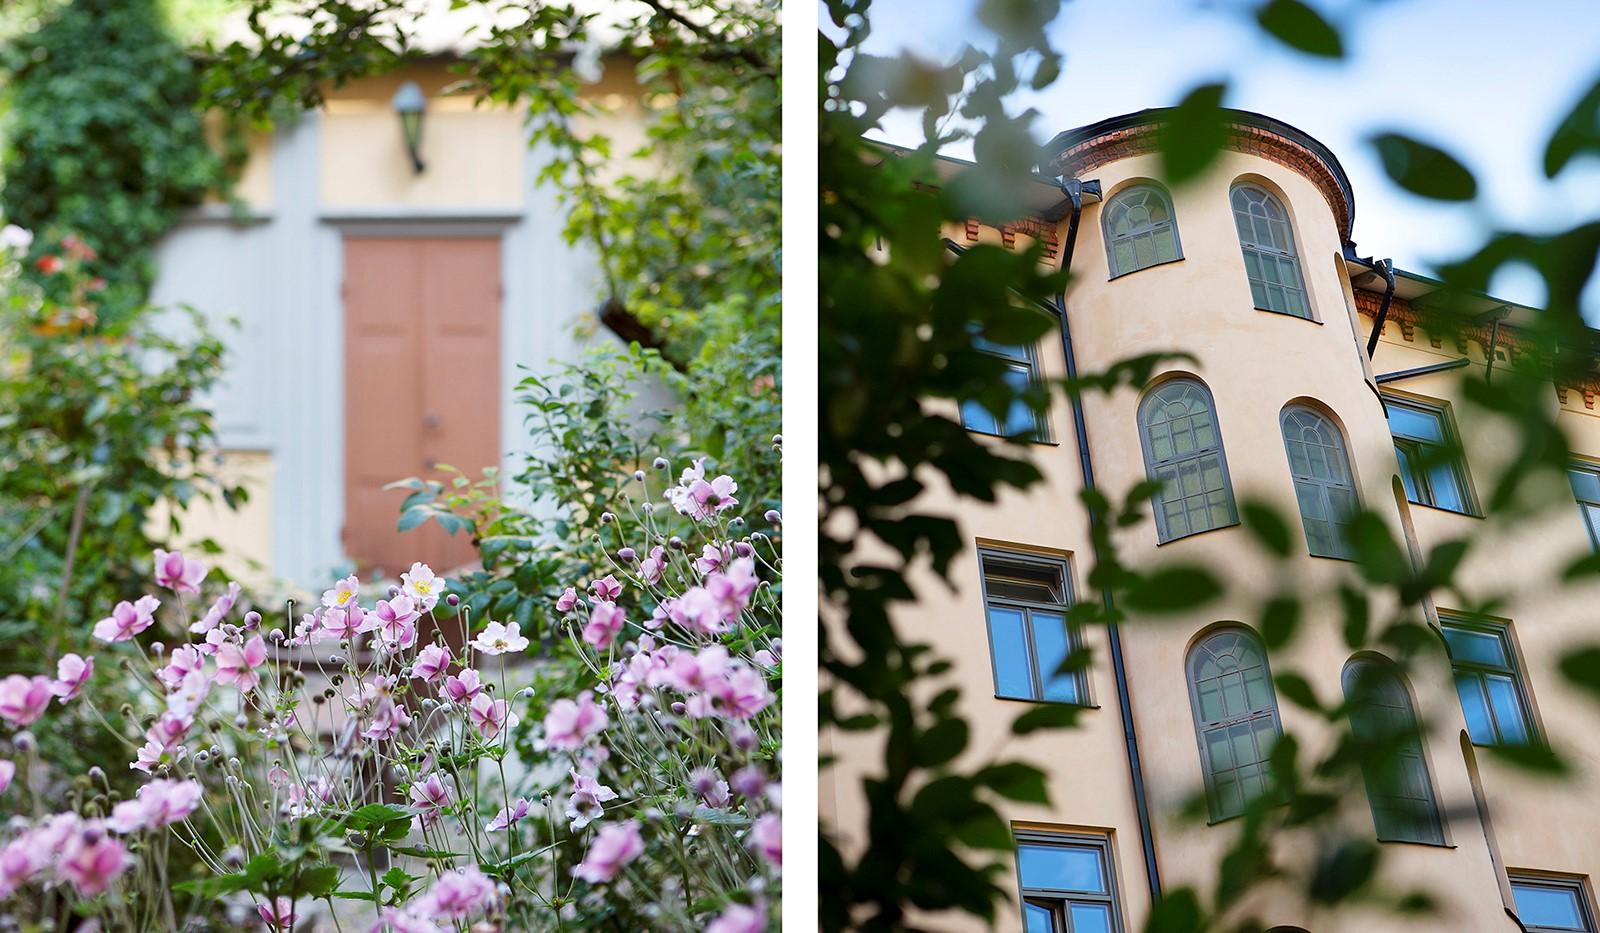 Krukmakargatan 6, 2 tr - Välkommen till en parkliknande grön oas och himmelsk innergård.